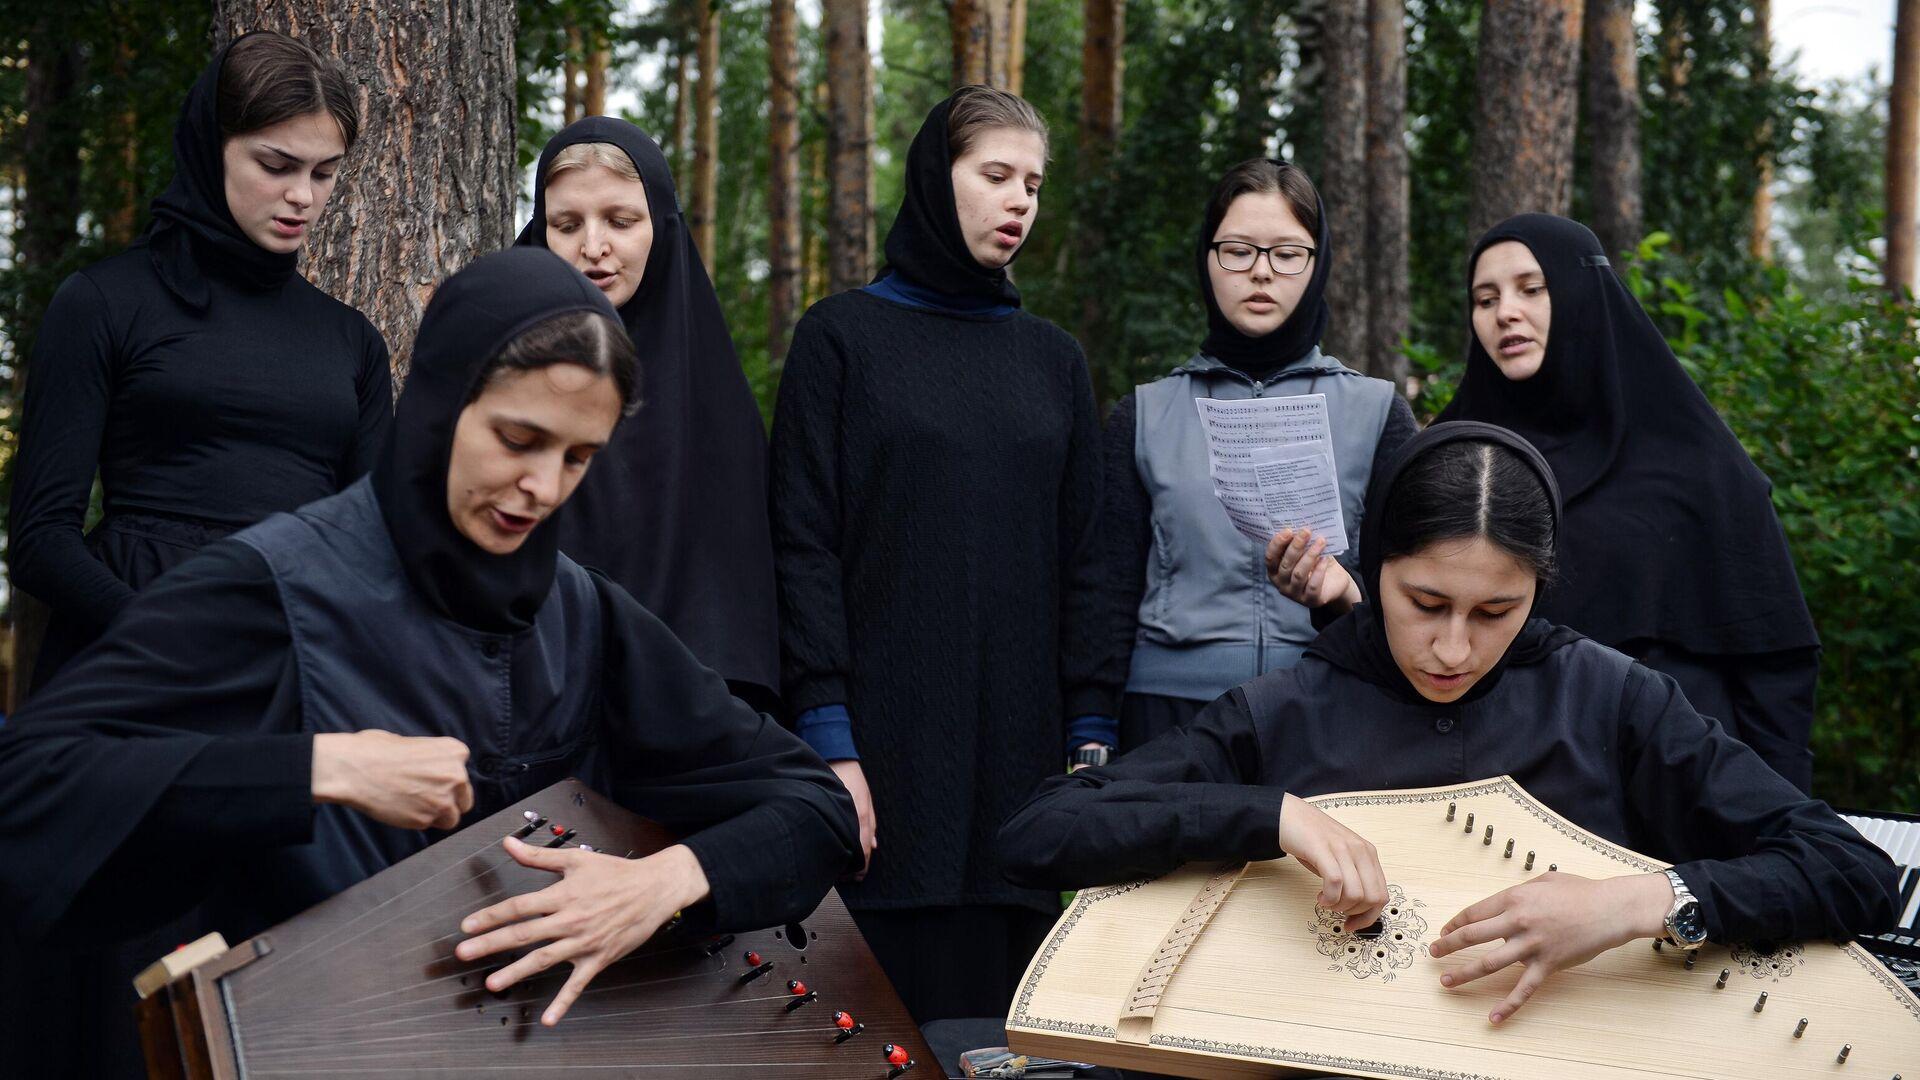 Монахини на территории Среднеуральского женского монастыря - РИА Новости, 1920, 14.09.2020